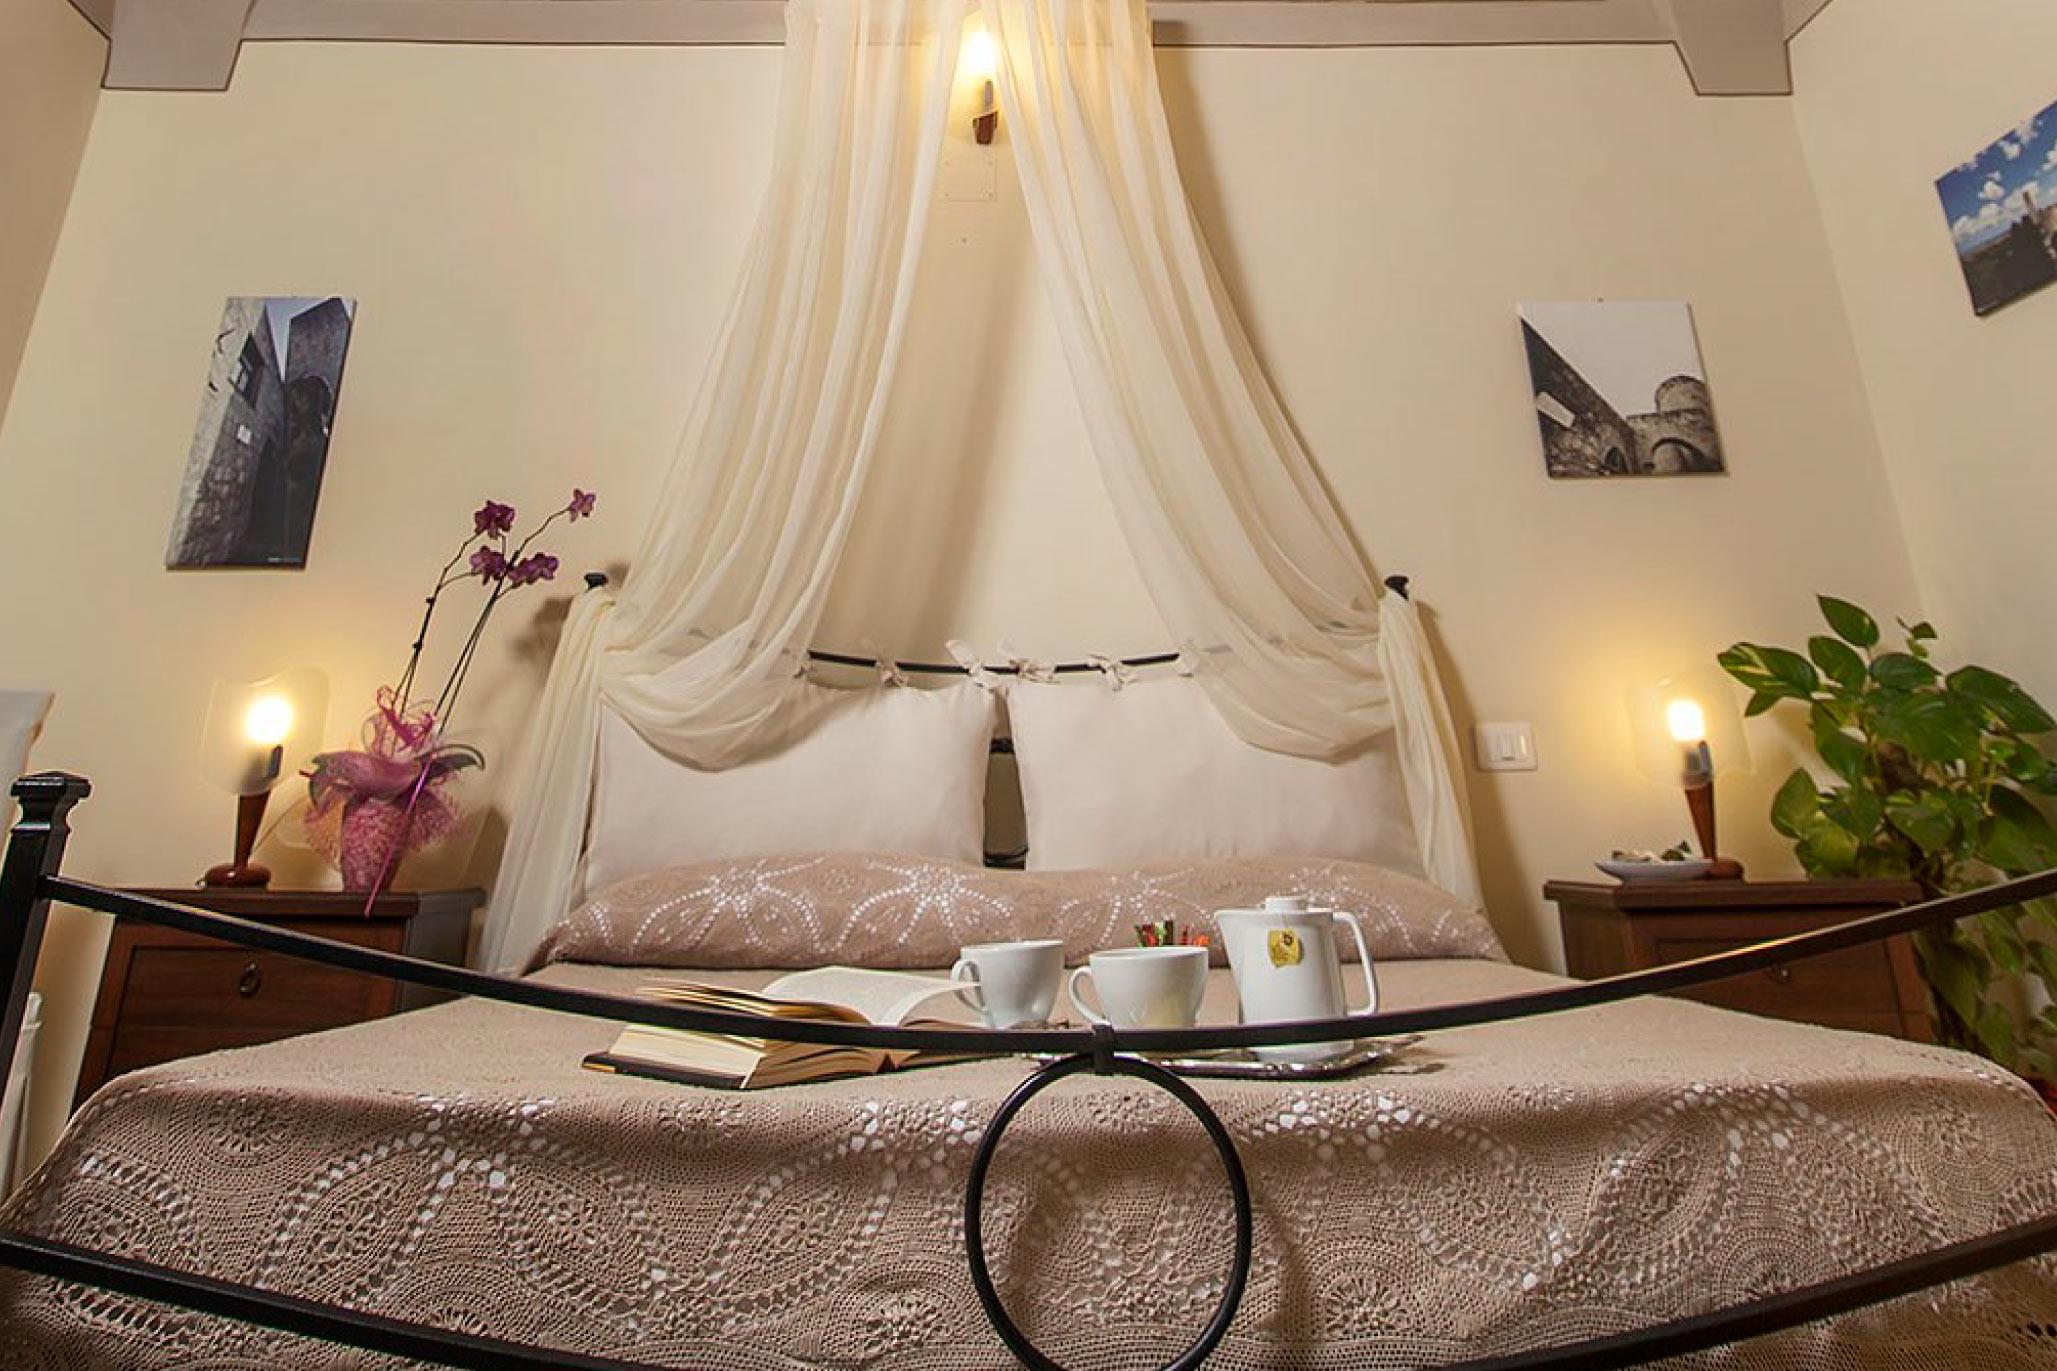 Camera matrimoniale luxury camere del re hotel e b b - Camere con letto in ferro battuto ...